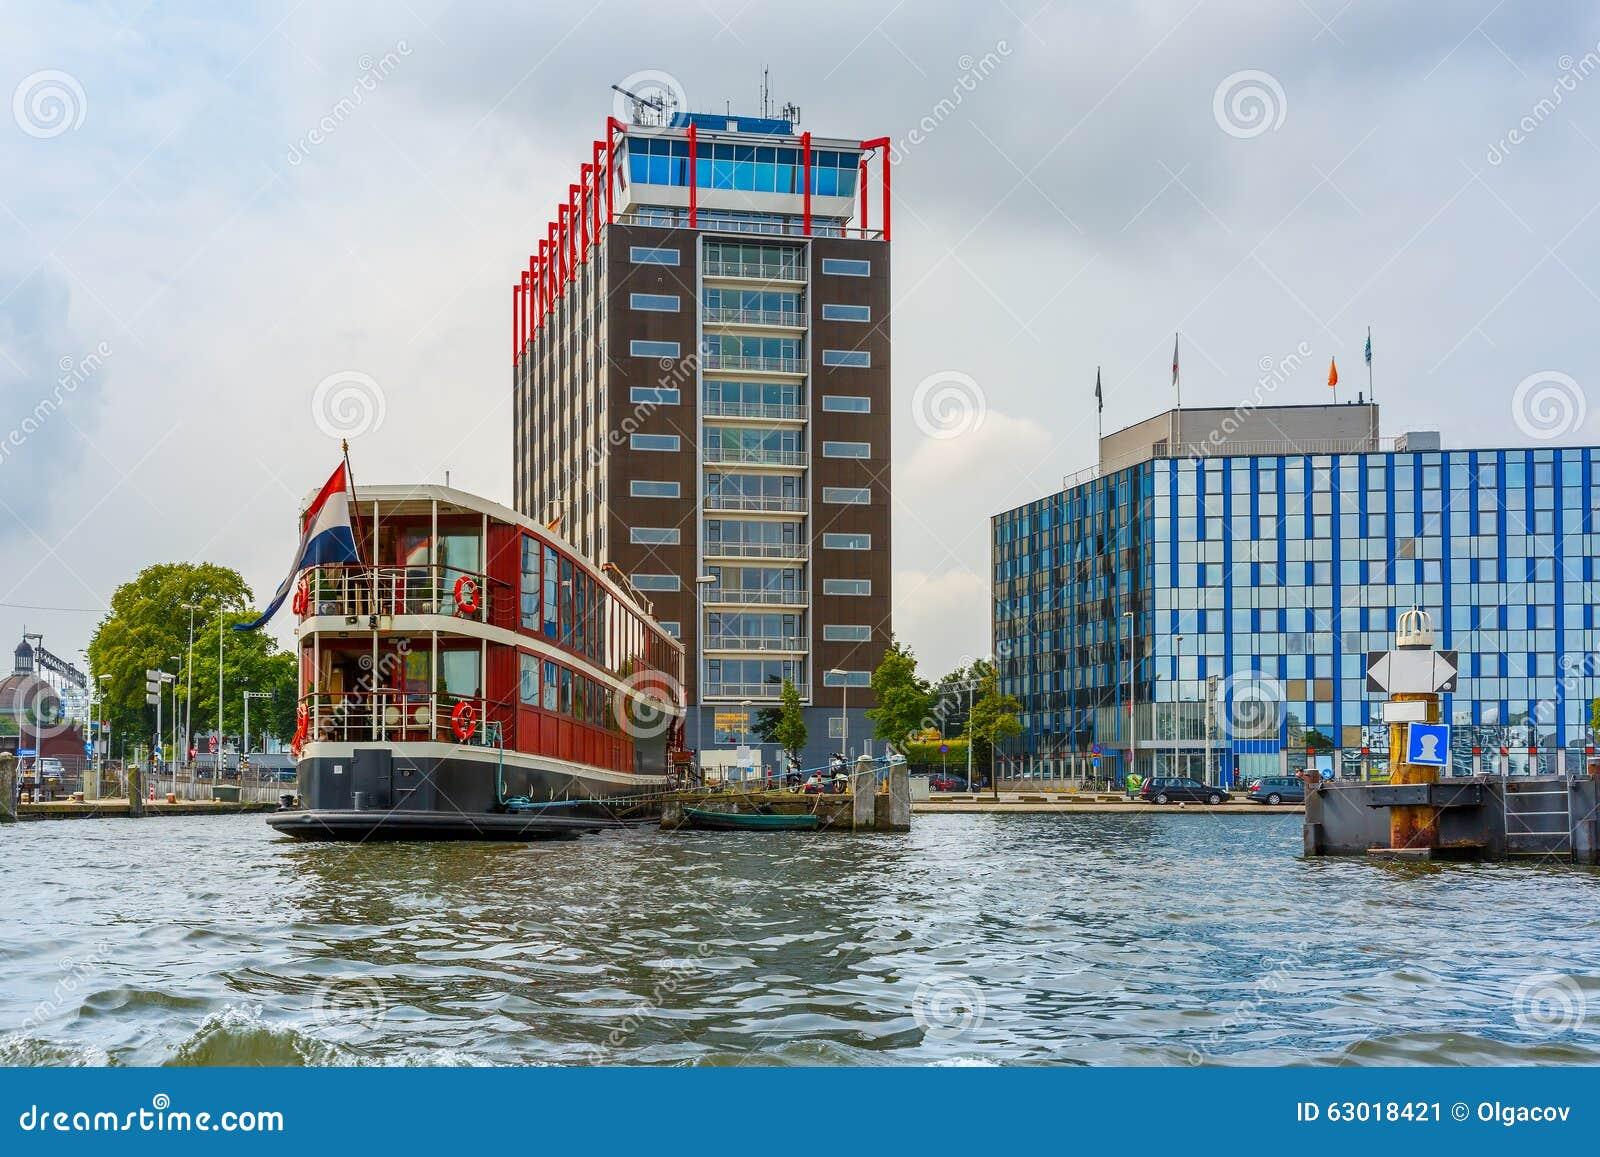 Het kanaal van amsterdam boot en de moderne bouw holland for Moderne bouw